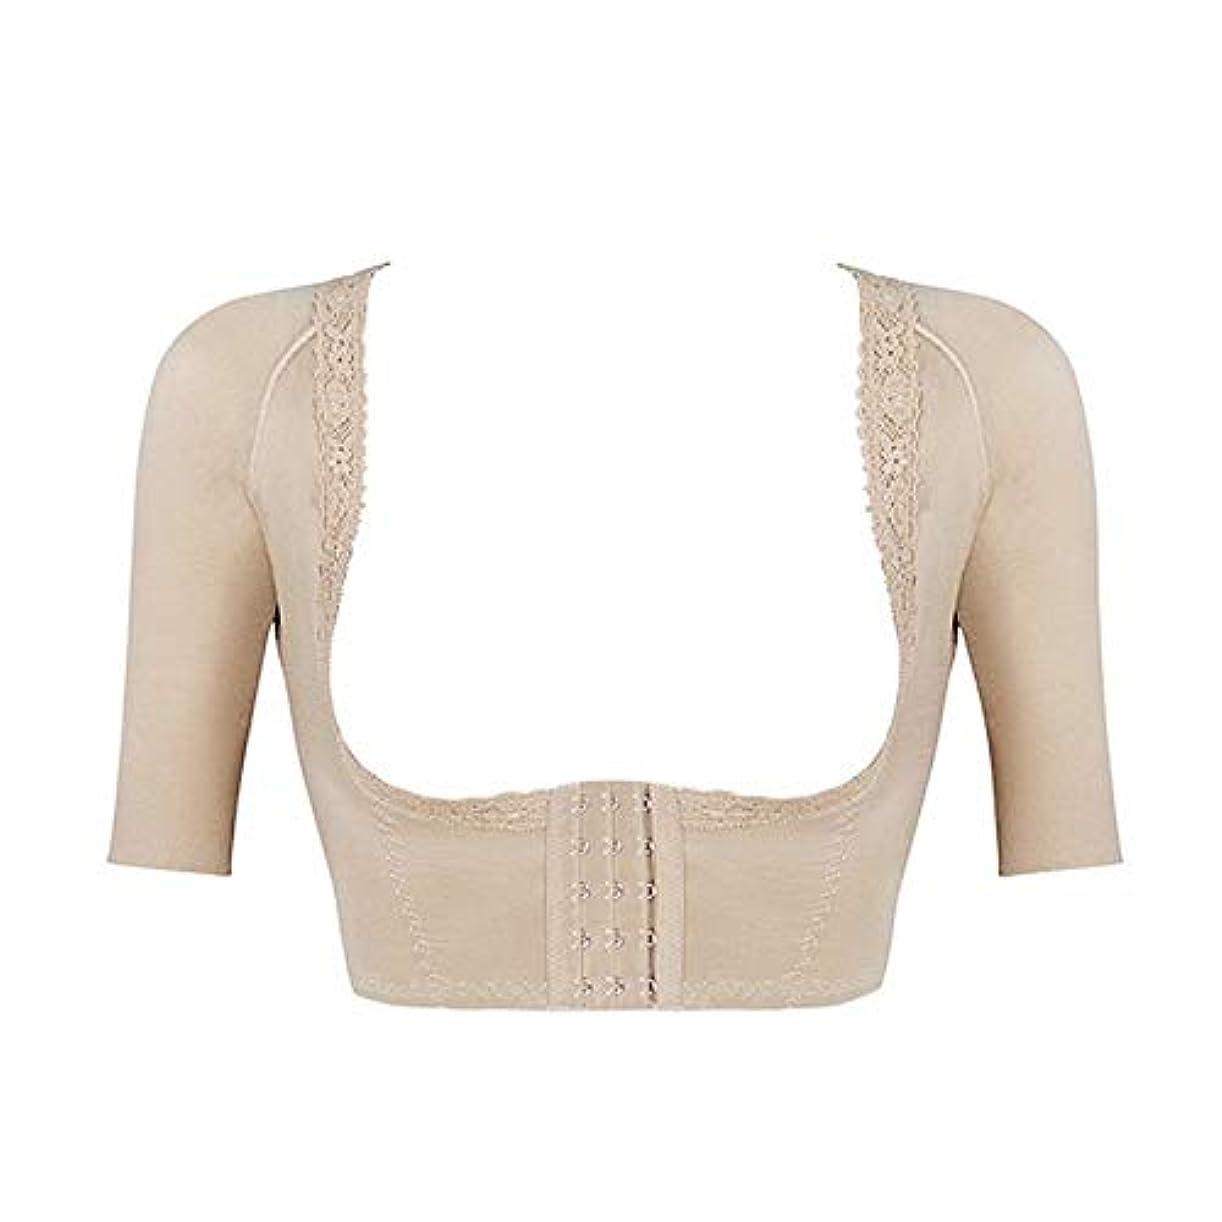 プログレッシブ推測小屋女性のボディシェイパートップス快適な女性の腕の脂肪燃焼乳房リフトシェイプウェアスリムトレーナーコルセット-スキンカラー-70